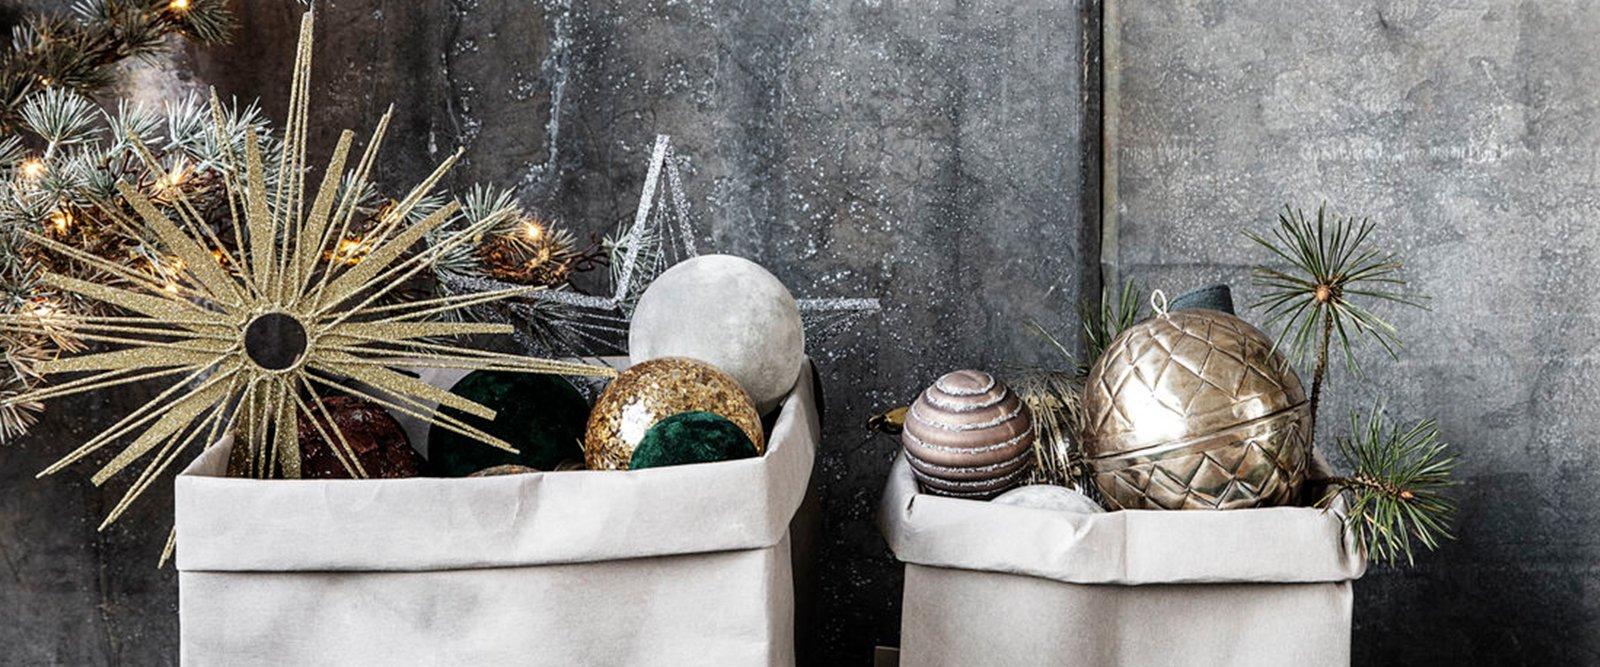 Pynt op i hjemmet med stemningsgivende julepynt